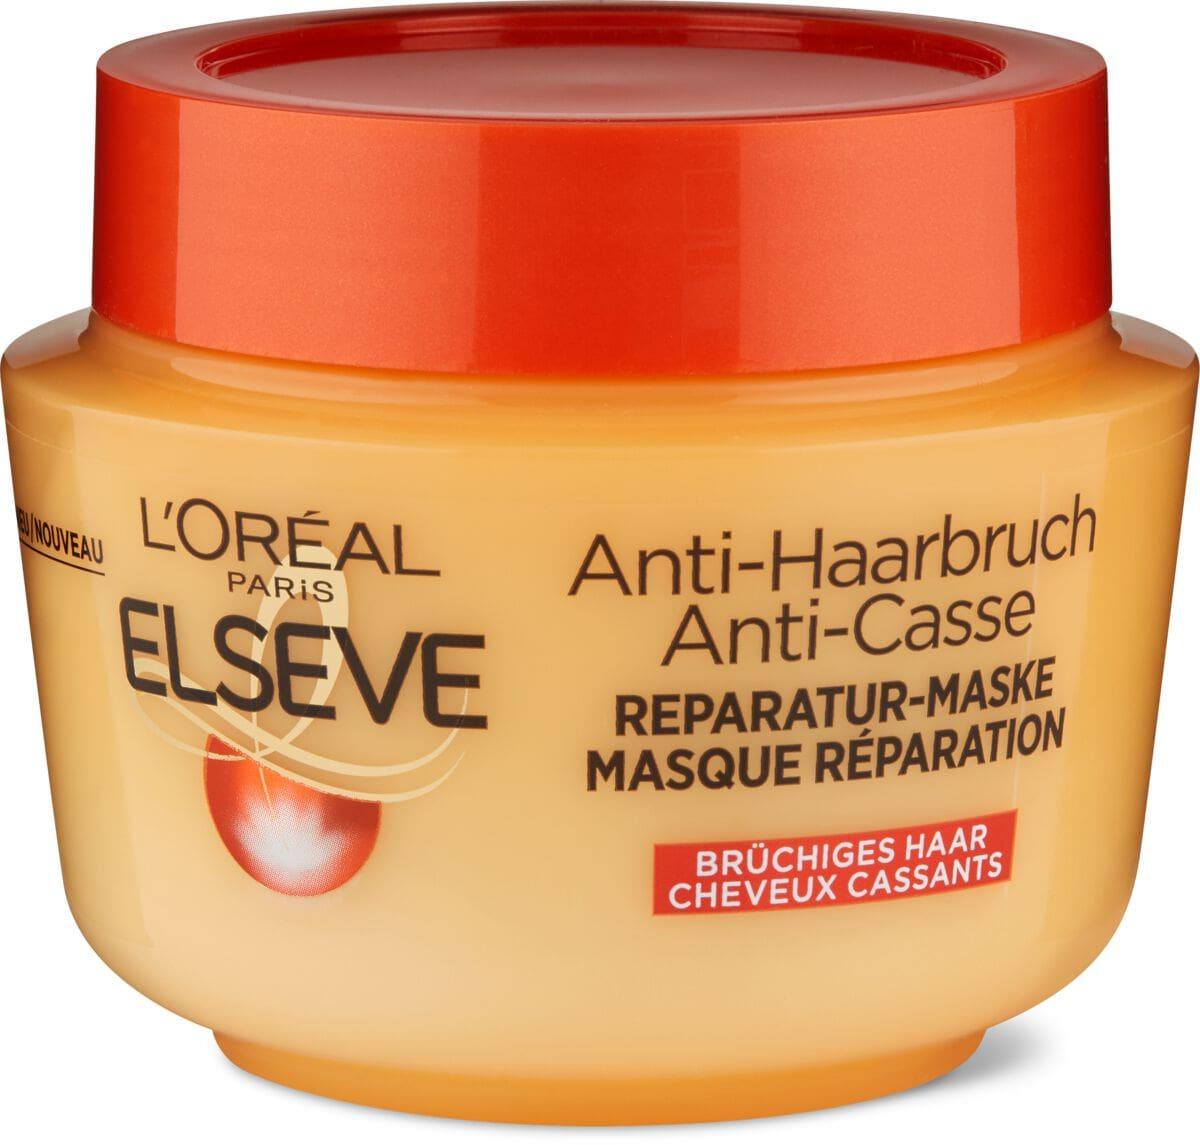 L'Oréal Elseve Anti-Haarbruch Maske